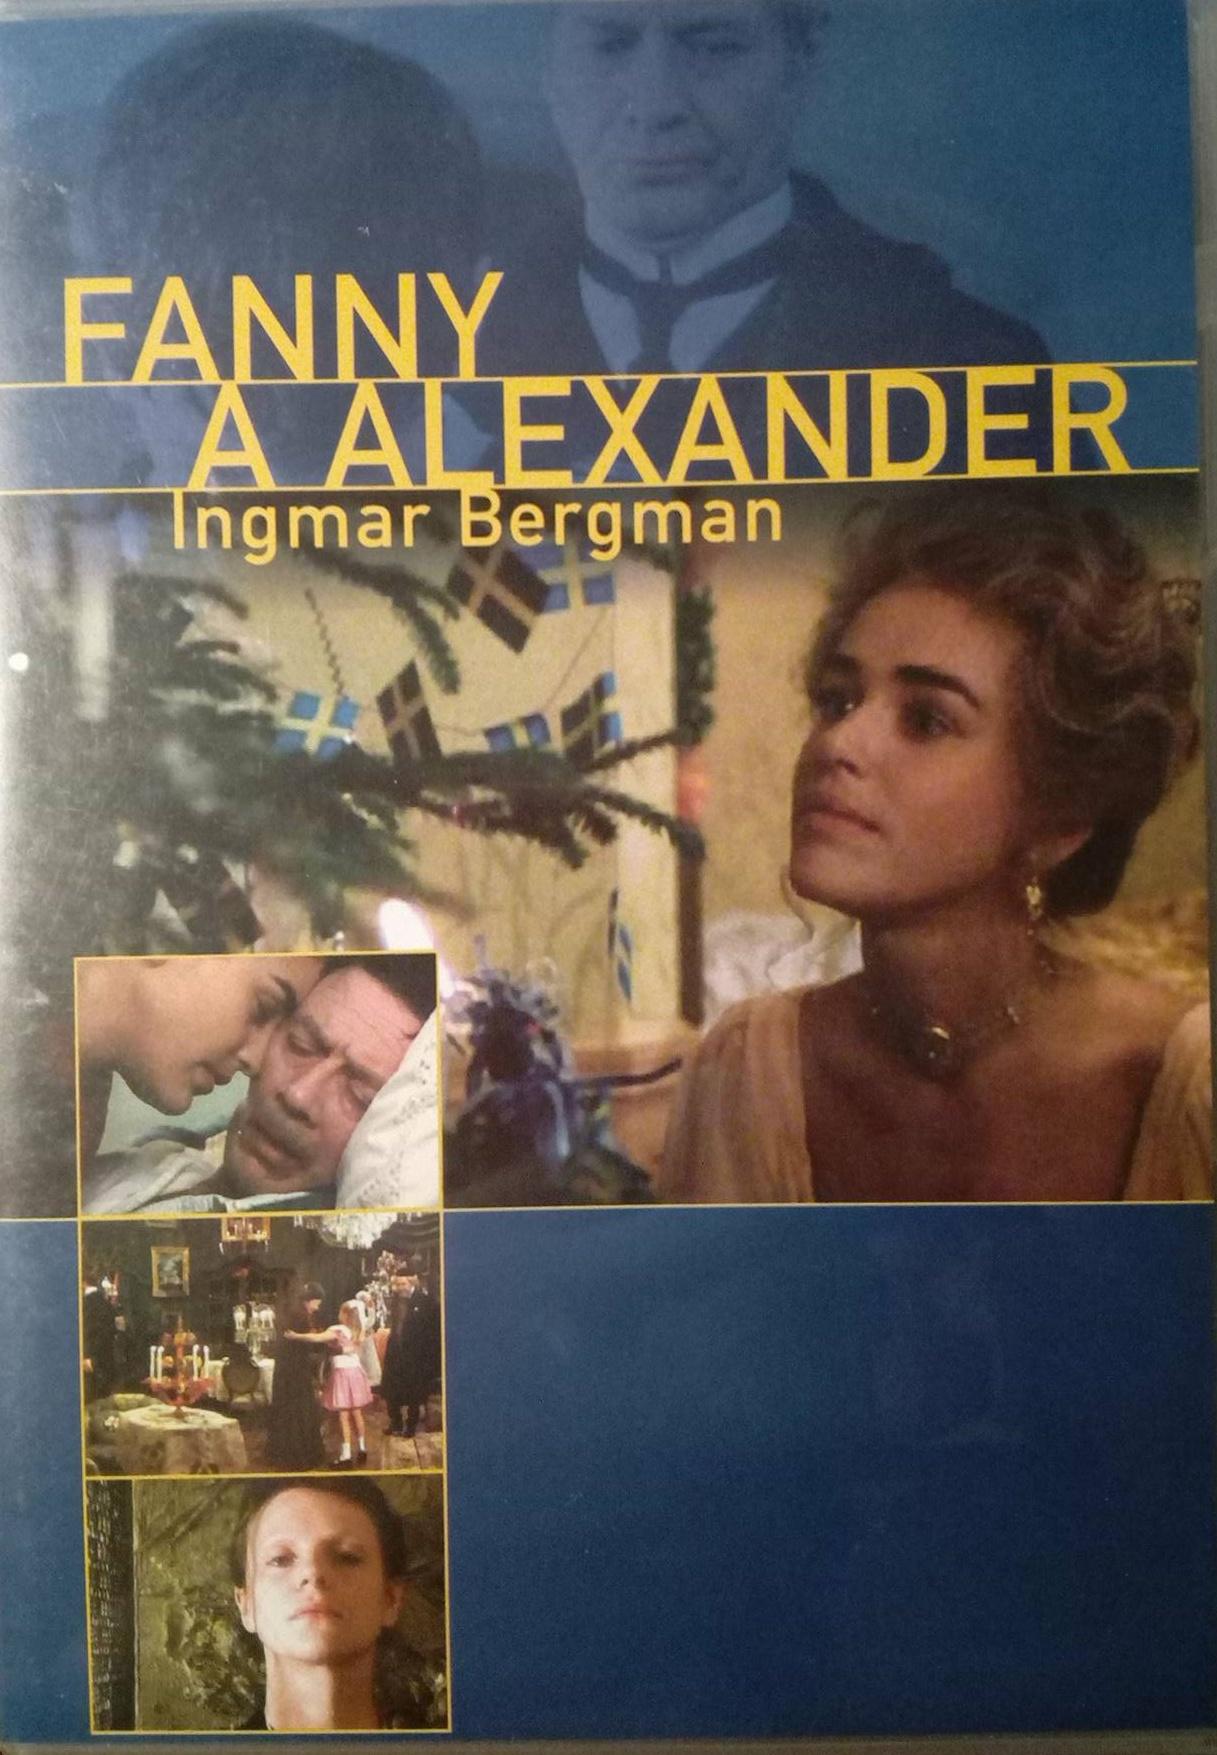 Fanny a Alexander - DVD